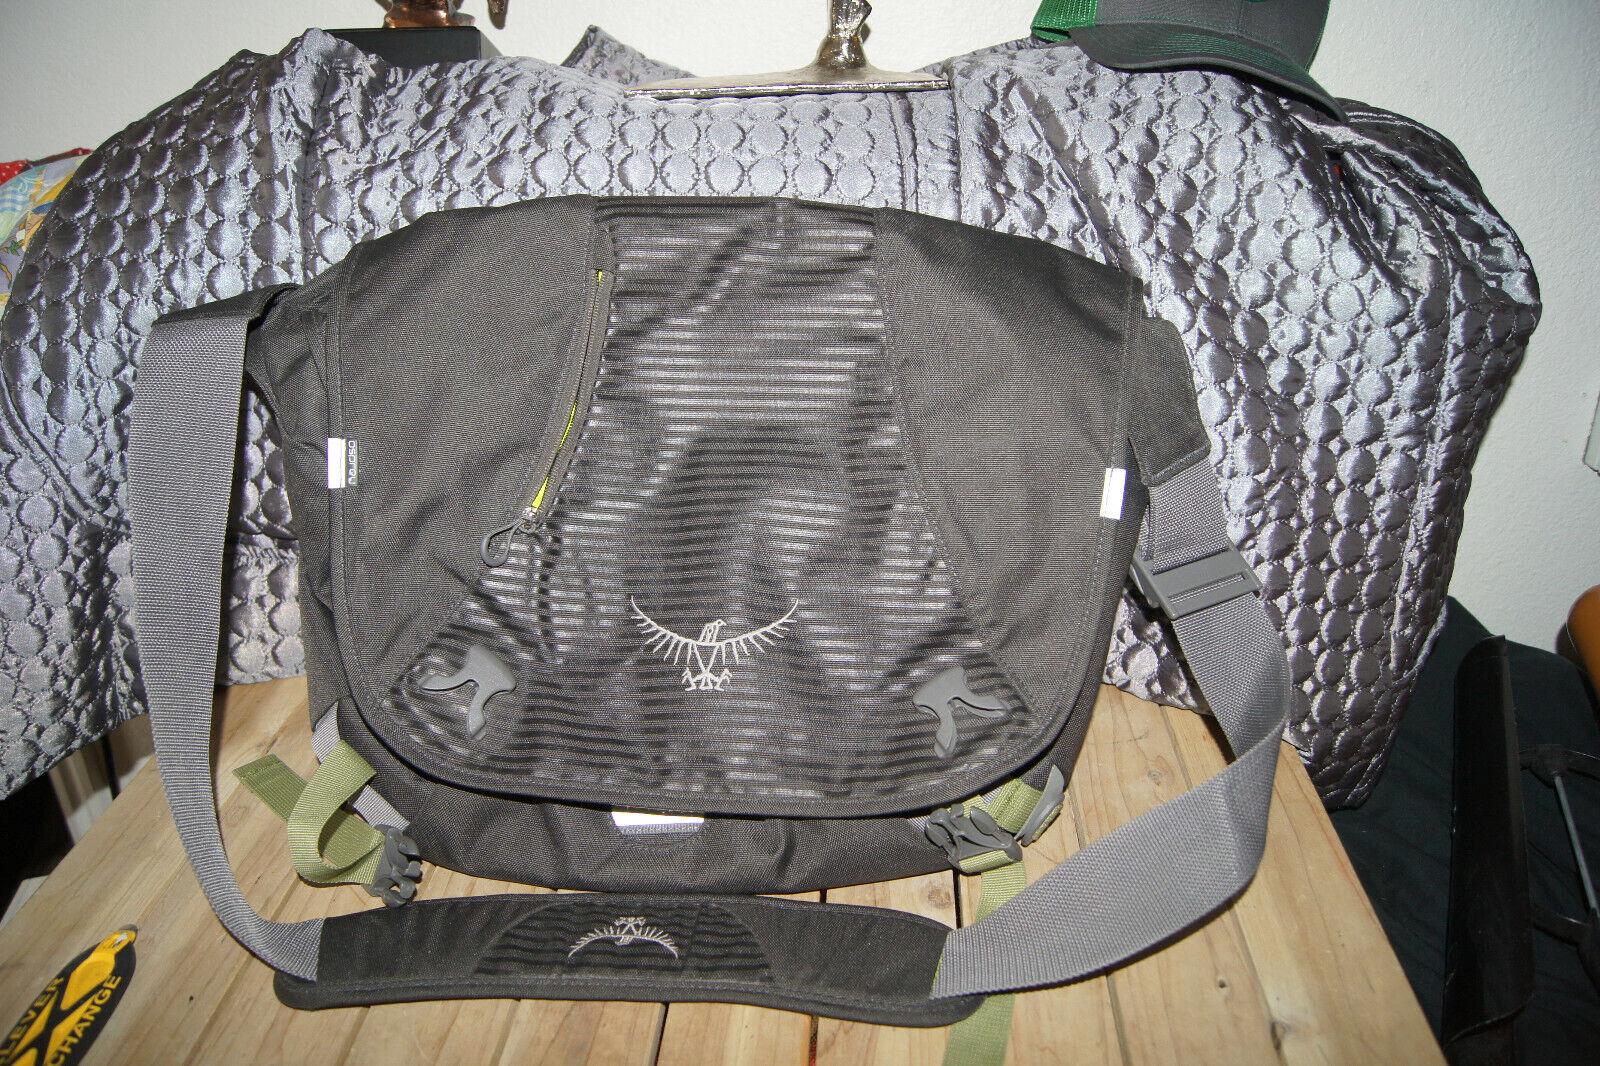 Osprey Messenger Bag 20 X 15 X 4 Osprey Gear Bolsa Bolsa De Viaje Bolsa De Pesca Osprey